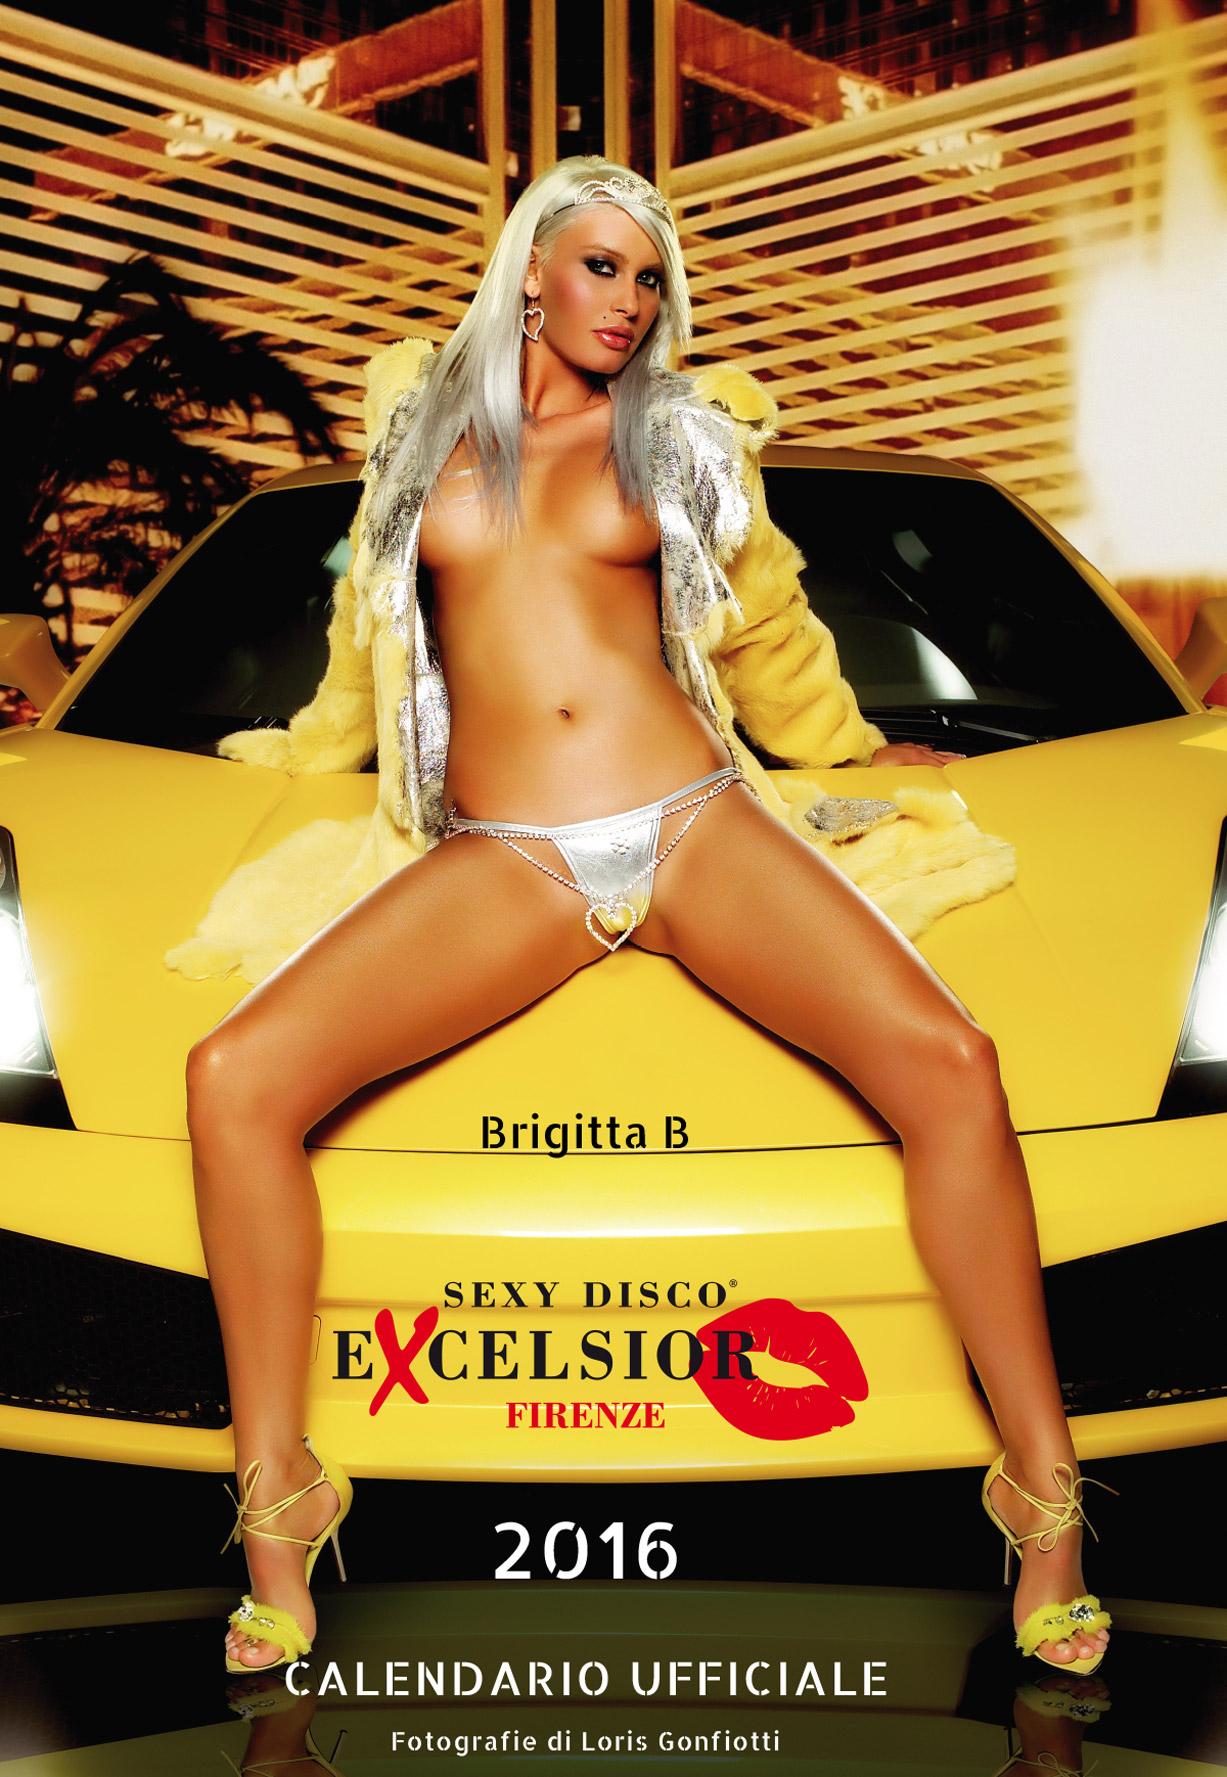 эротический календарь ночного клуба Sexy Disco Excelsior 2016 calendar - Brigitta